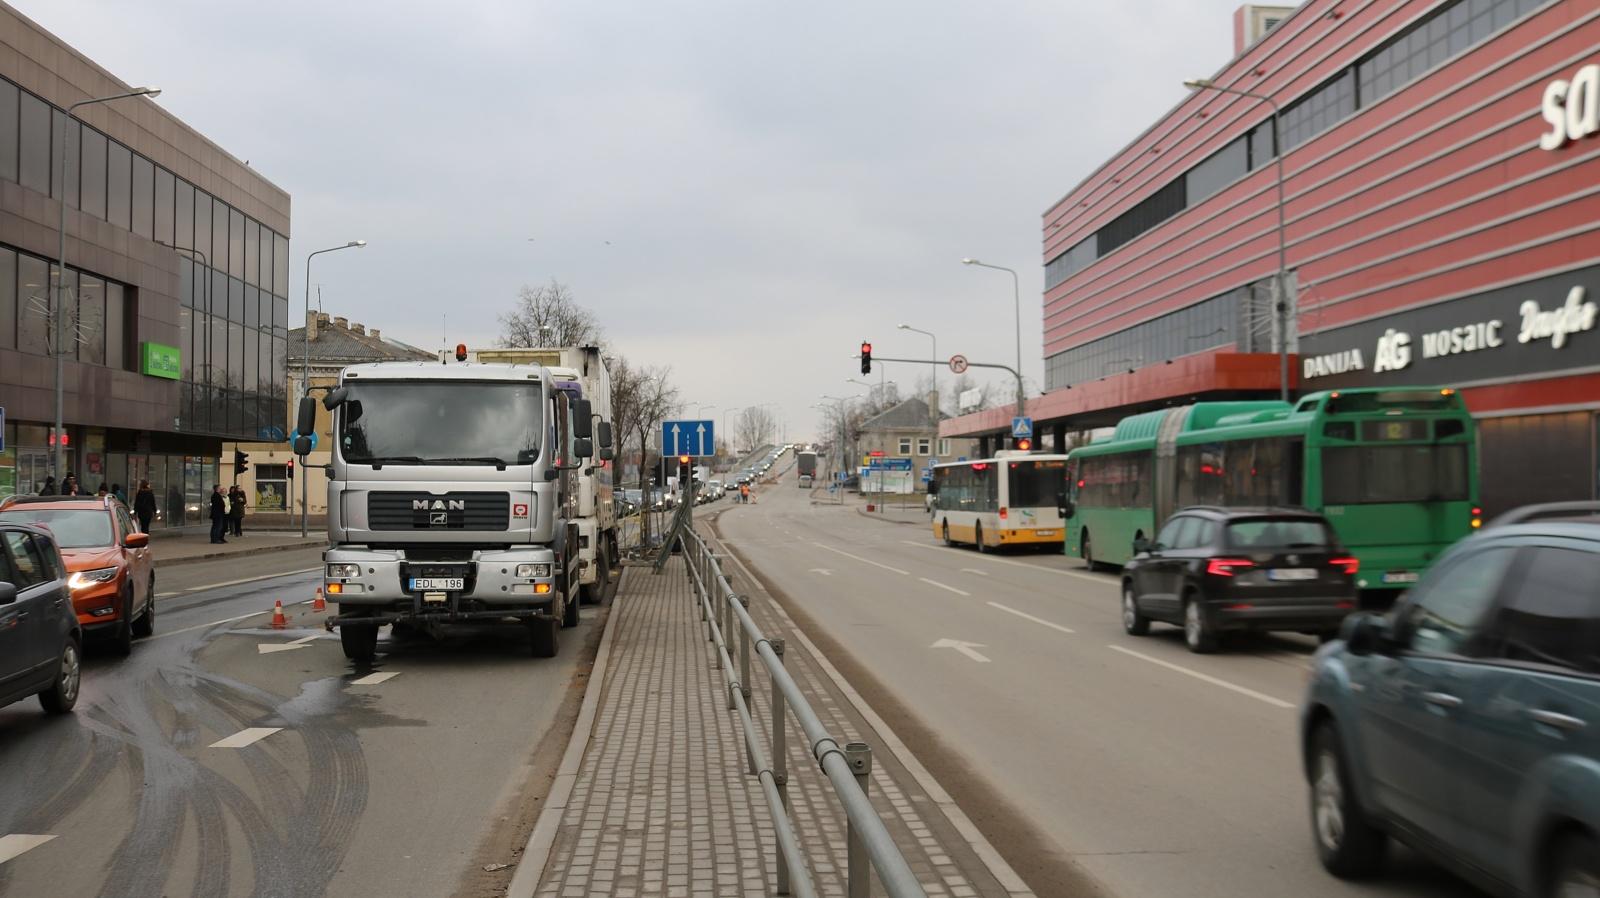 Keletą savaičių bus ribojamas transporto eismas miesto centre (vaizdo reportažas)